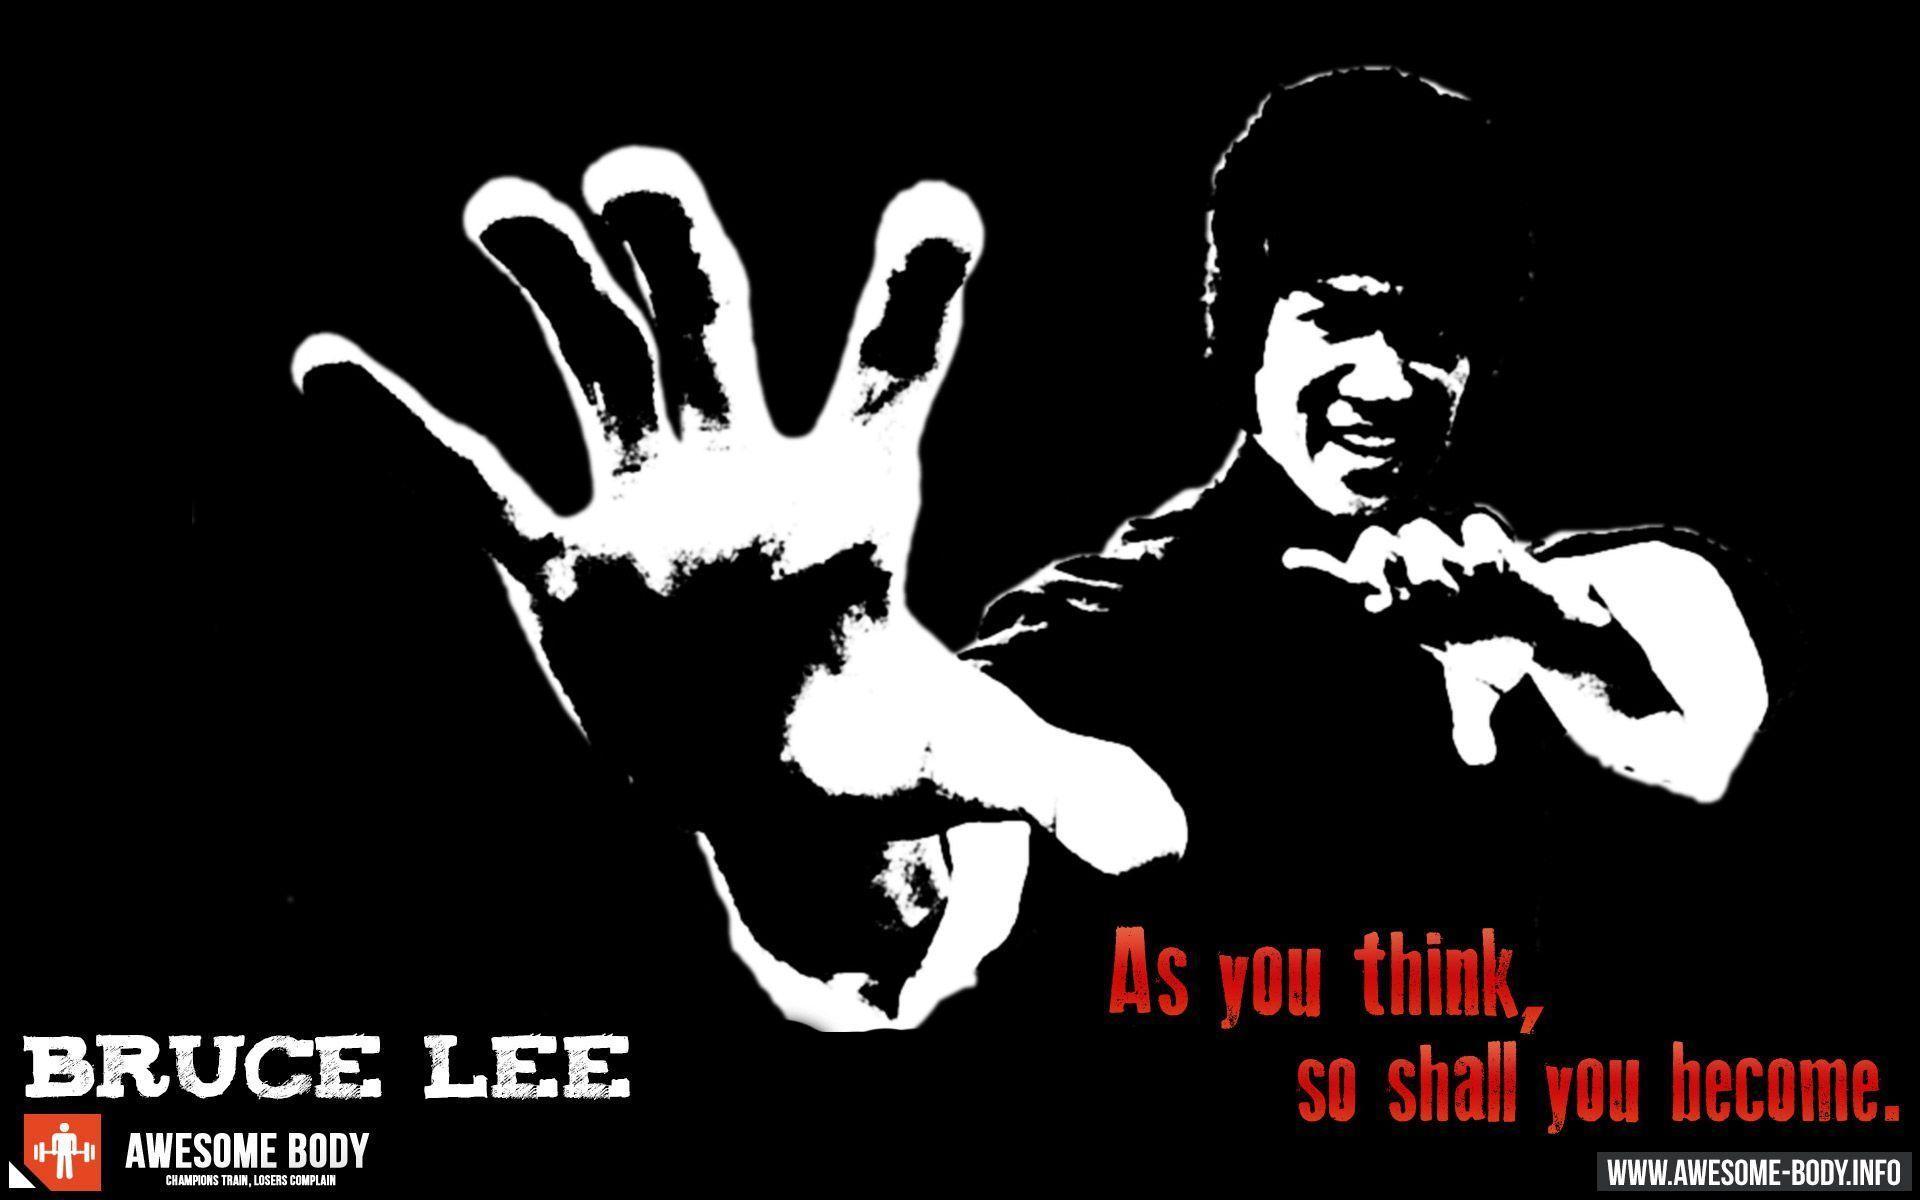 Fonds d'écran Bruce Lee : tous les wallpapers Bruce Lee